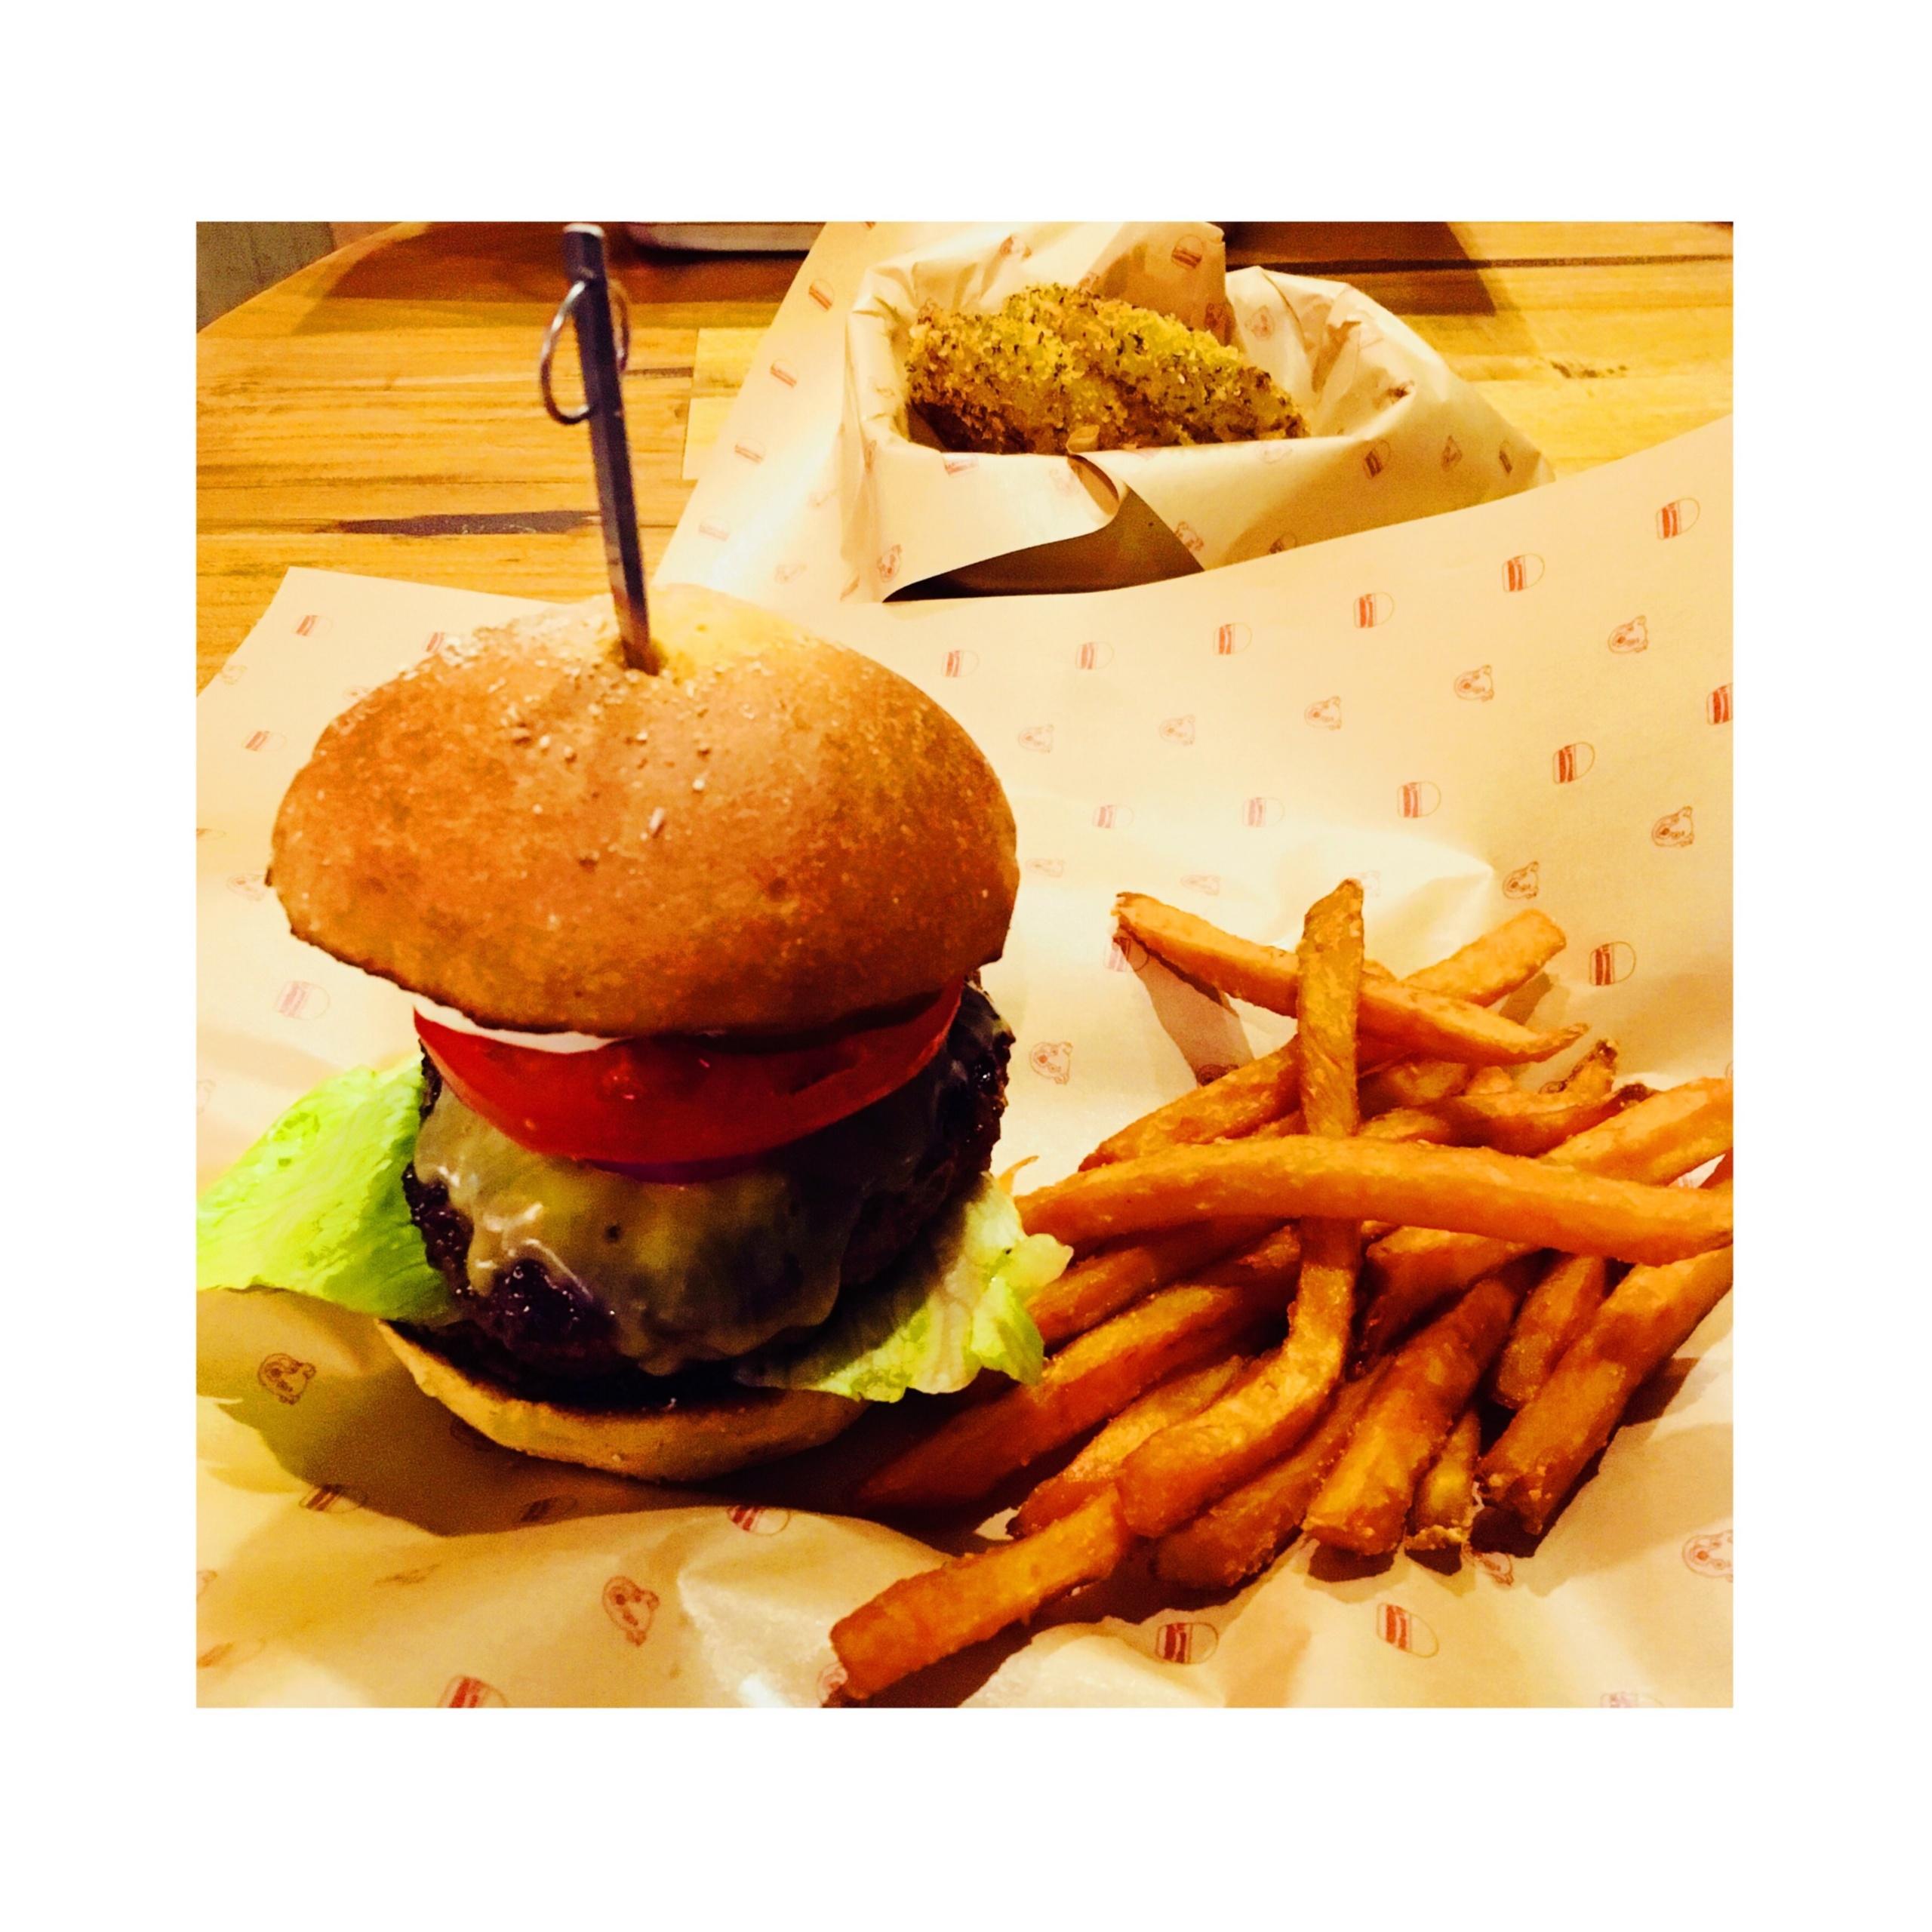 《ご当地MORE★東京》銀座でハンバーガーを食べるならココ!N.Y.発オーガニックの人気店【Bareburger】がおすすめです❤️_2